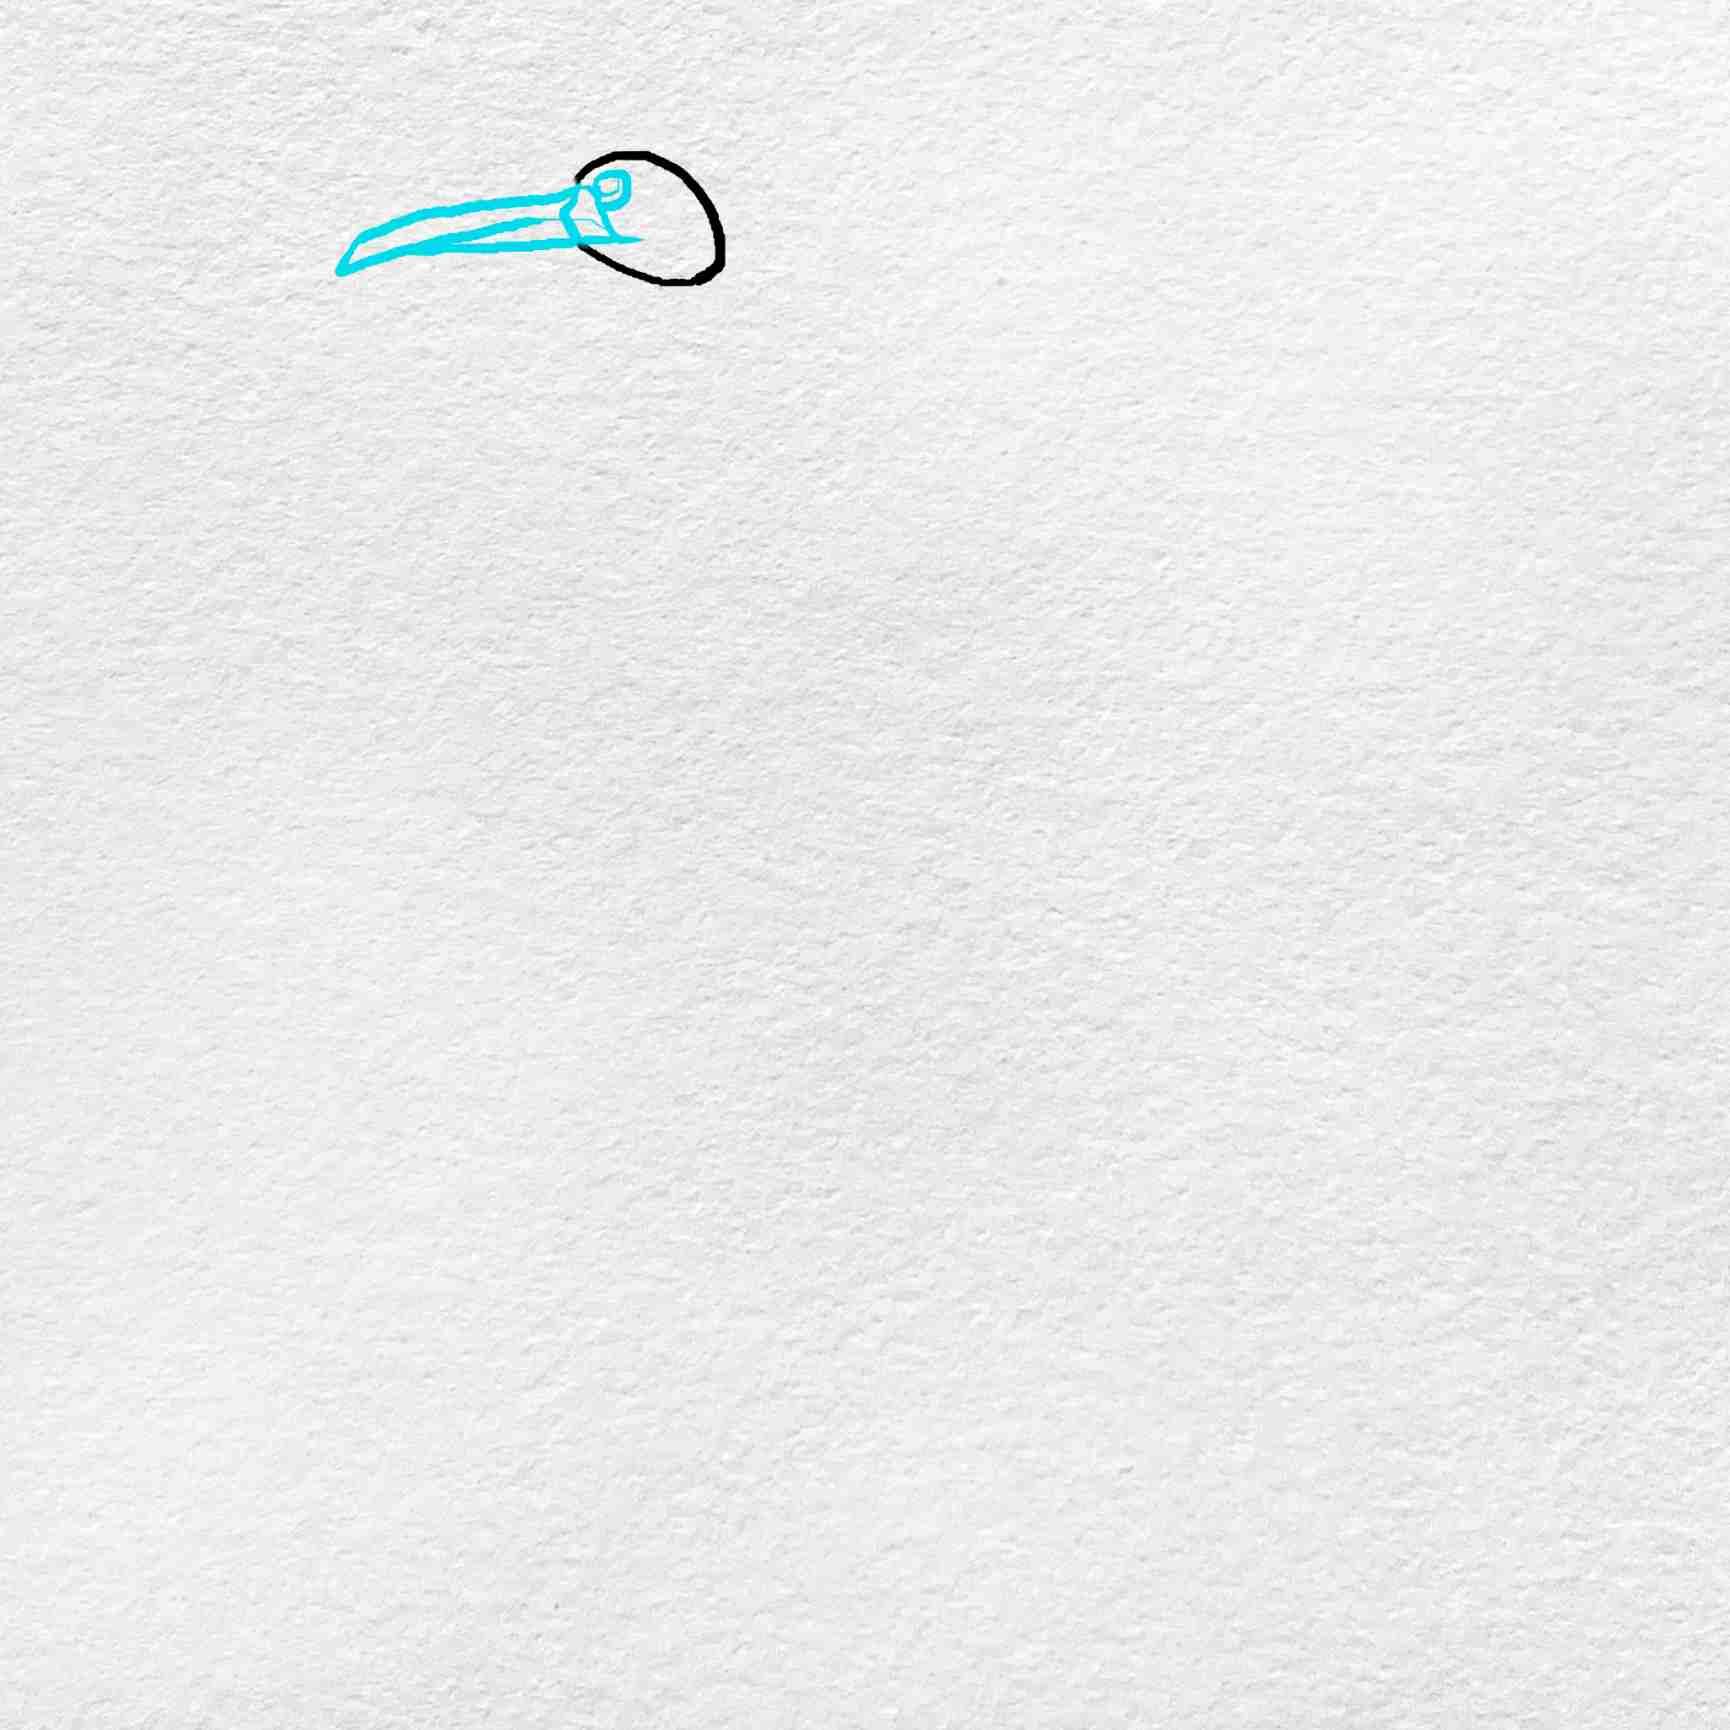 How To Draw A Crane: Step 2